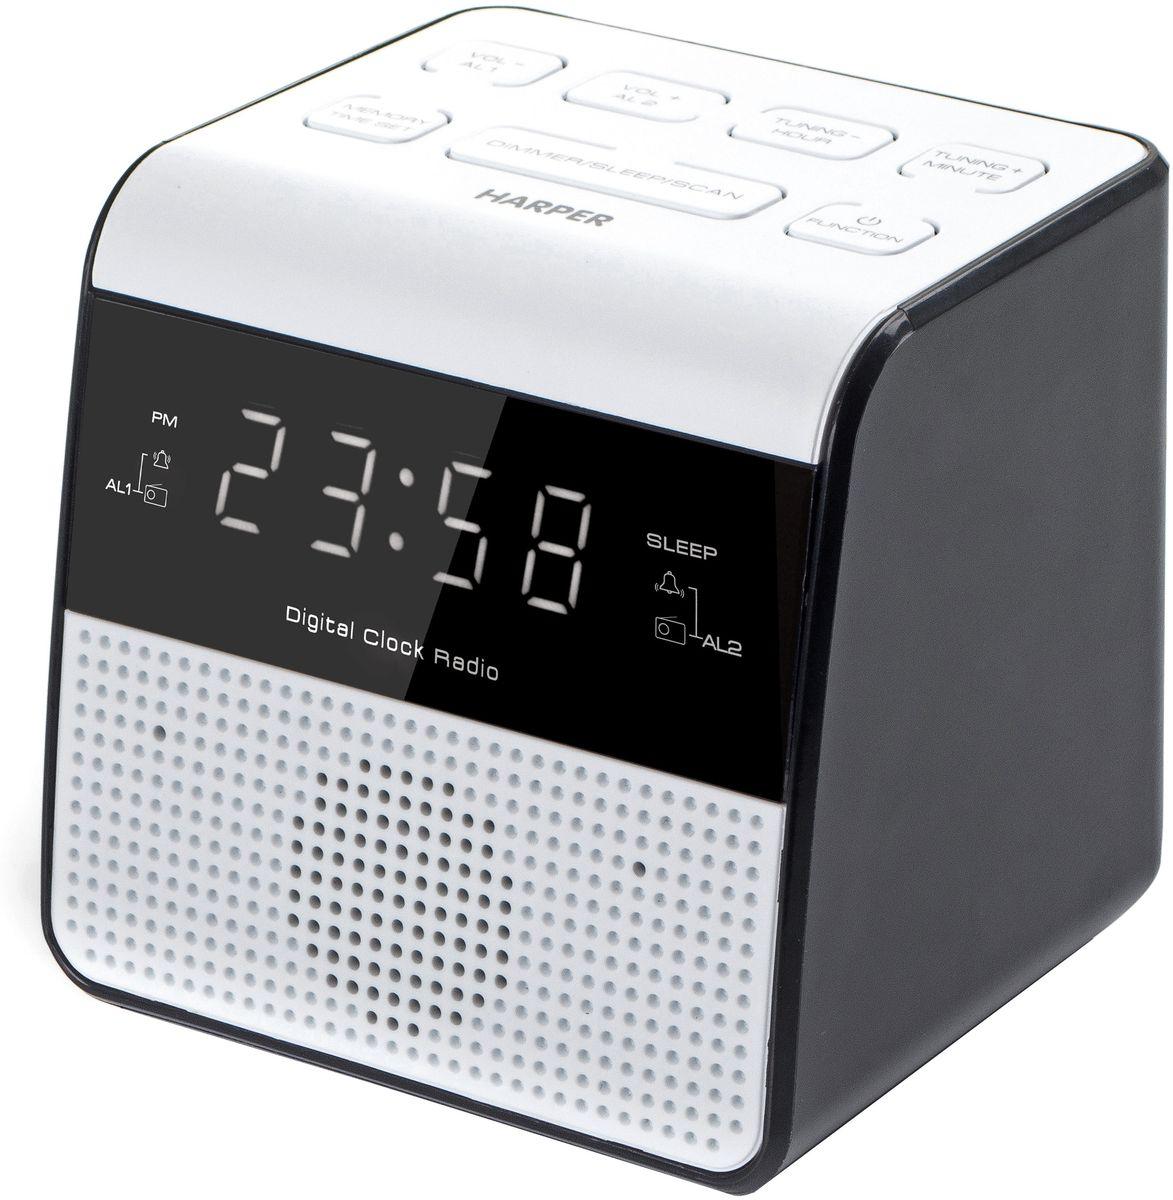 Harper HRCB-7760, White радиобудильникH00001165Harper представляет радиобудильник HRCB-7760 в изящном белом корпусе. Главными особенностями модели являются: - LED дисплей - USB зарядка 1,0А - FM радио (ручная или автоматическая настройка станций)